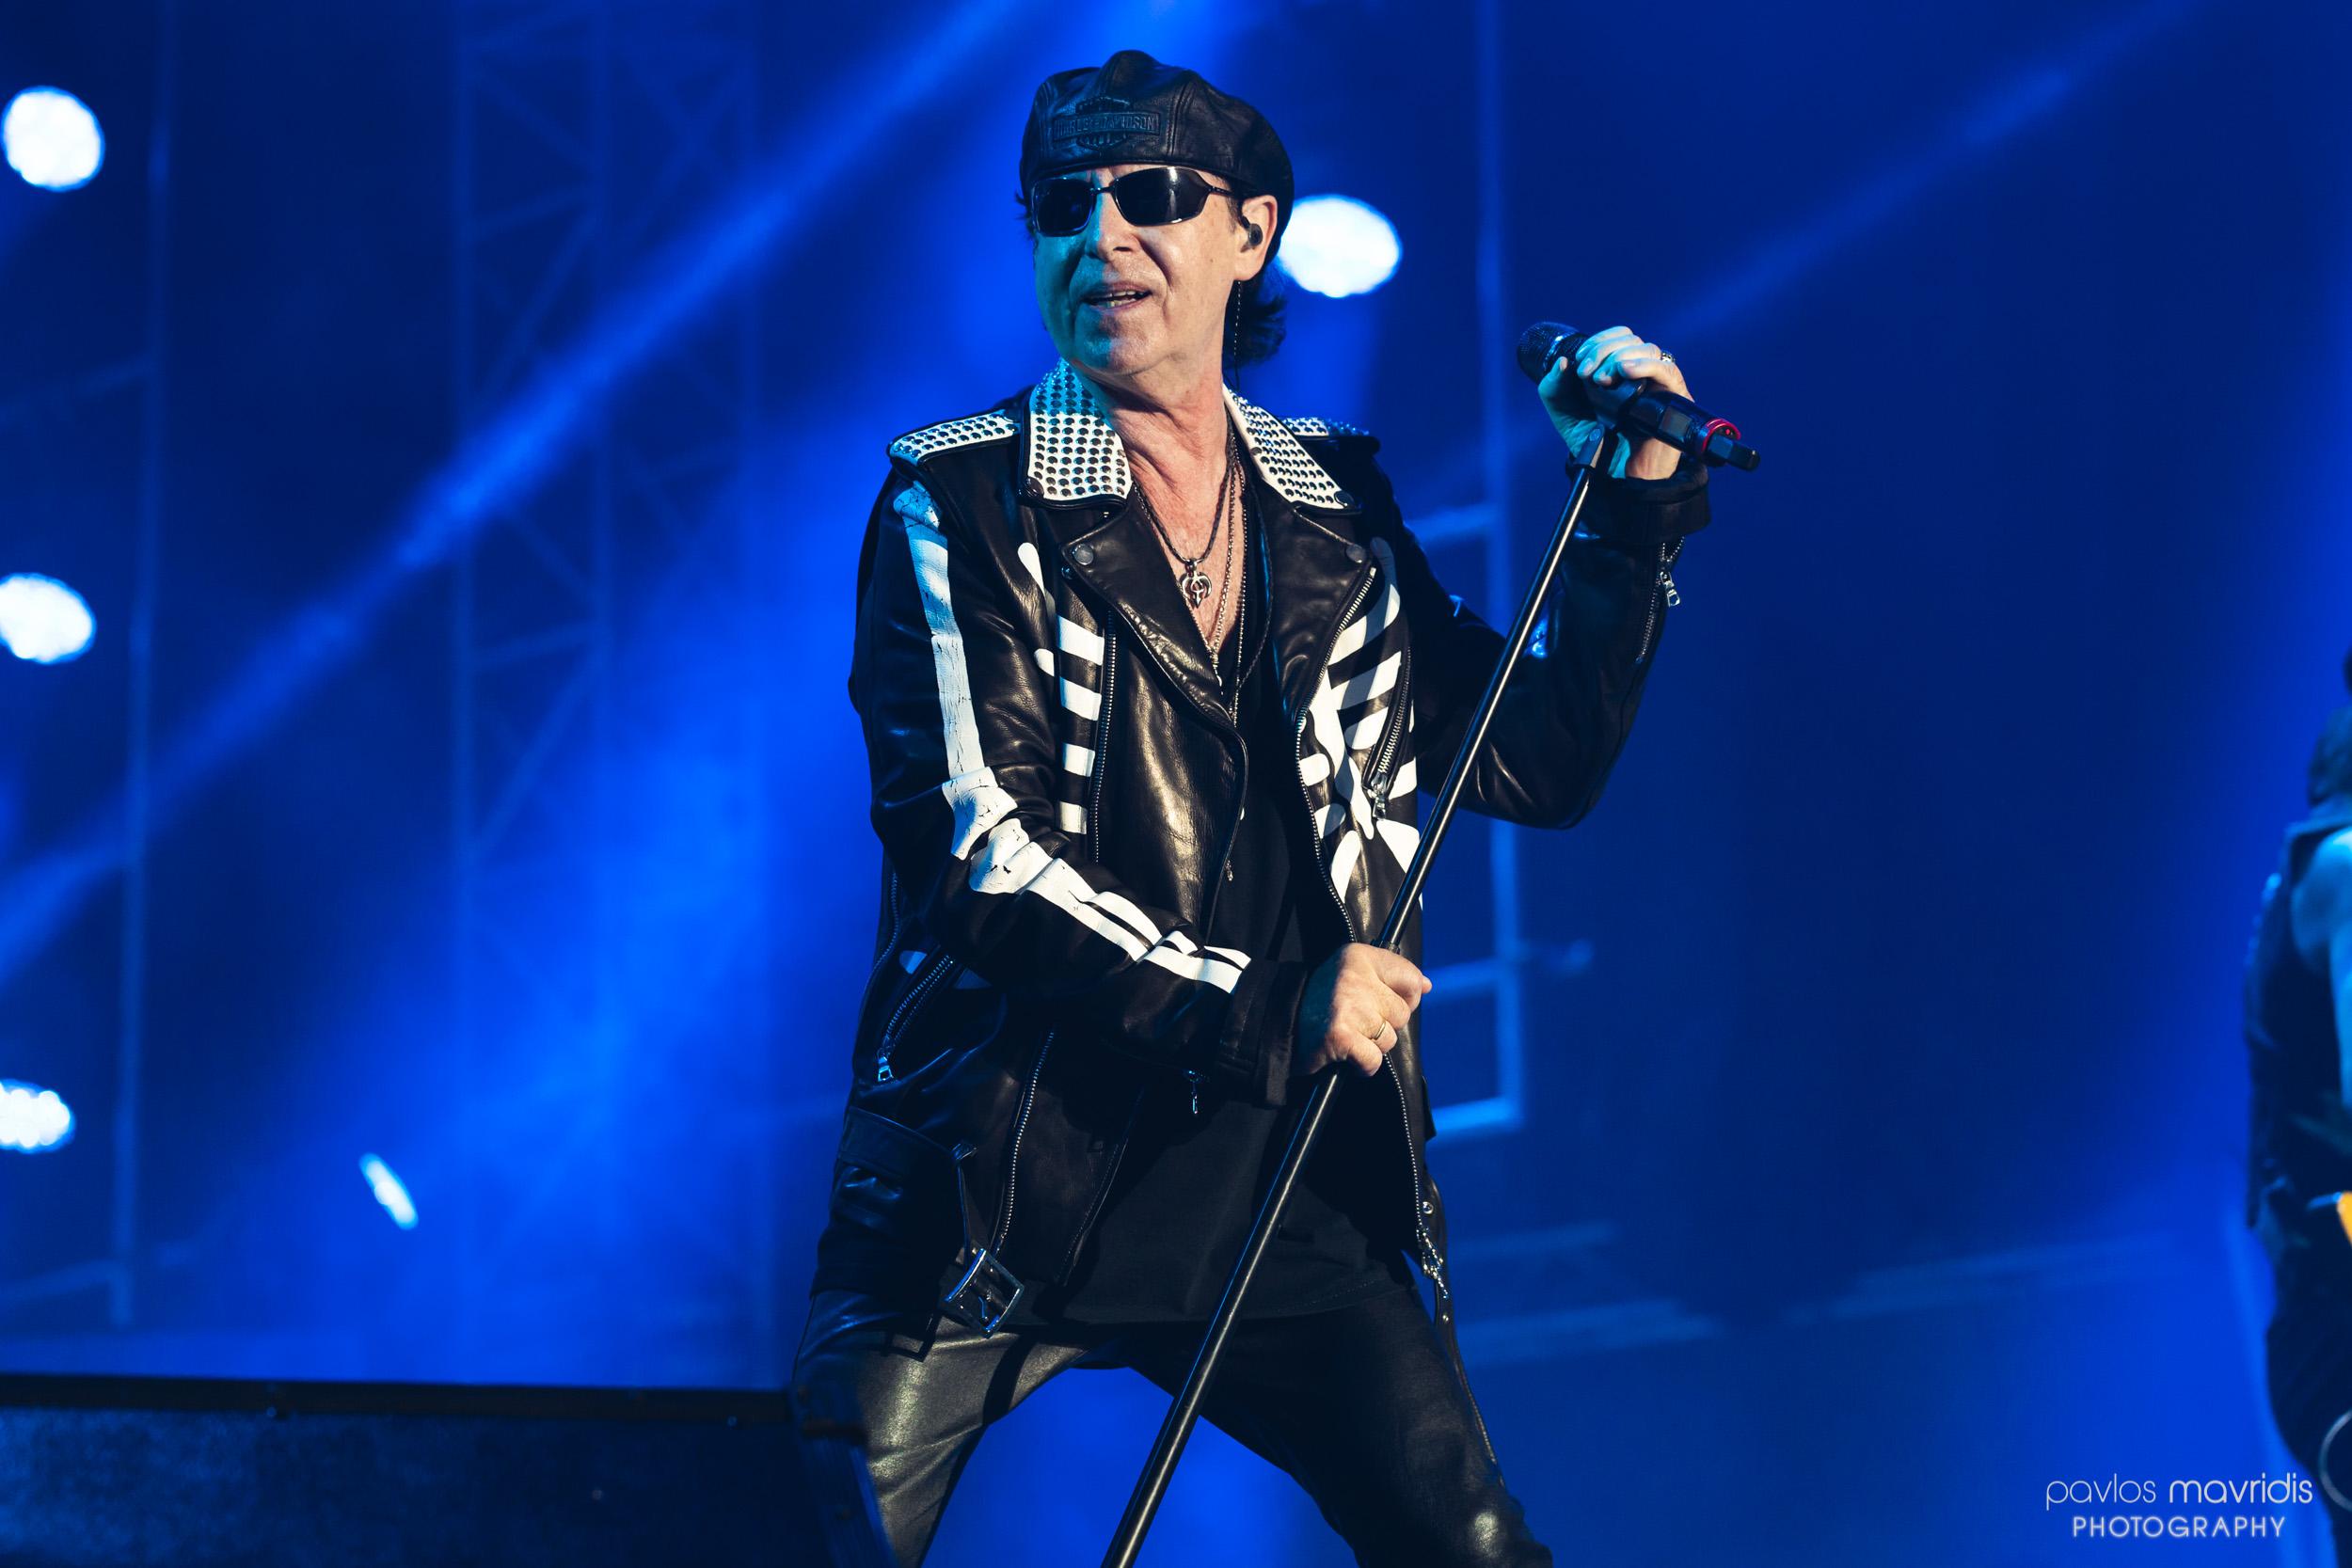 Scorpions_Panathenaic Stadium_17_hires.jpg